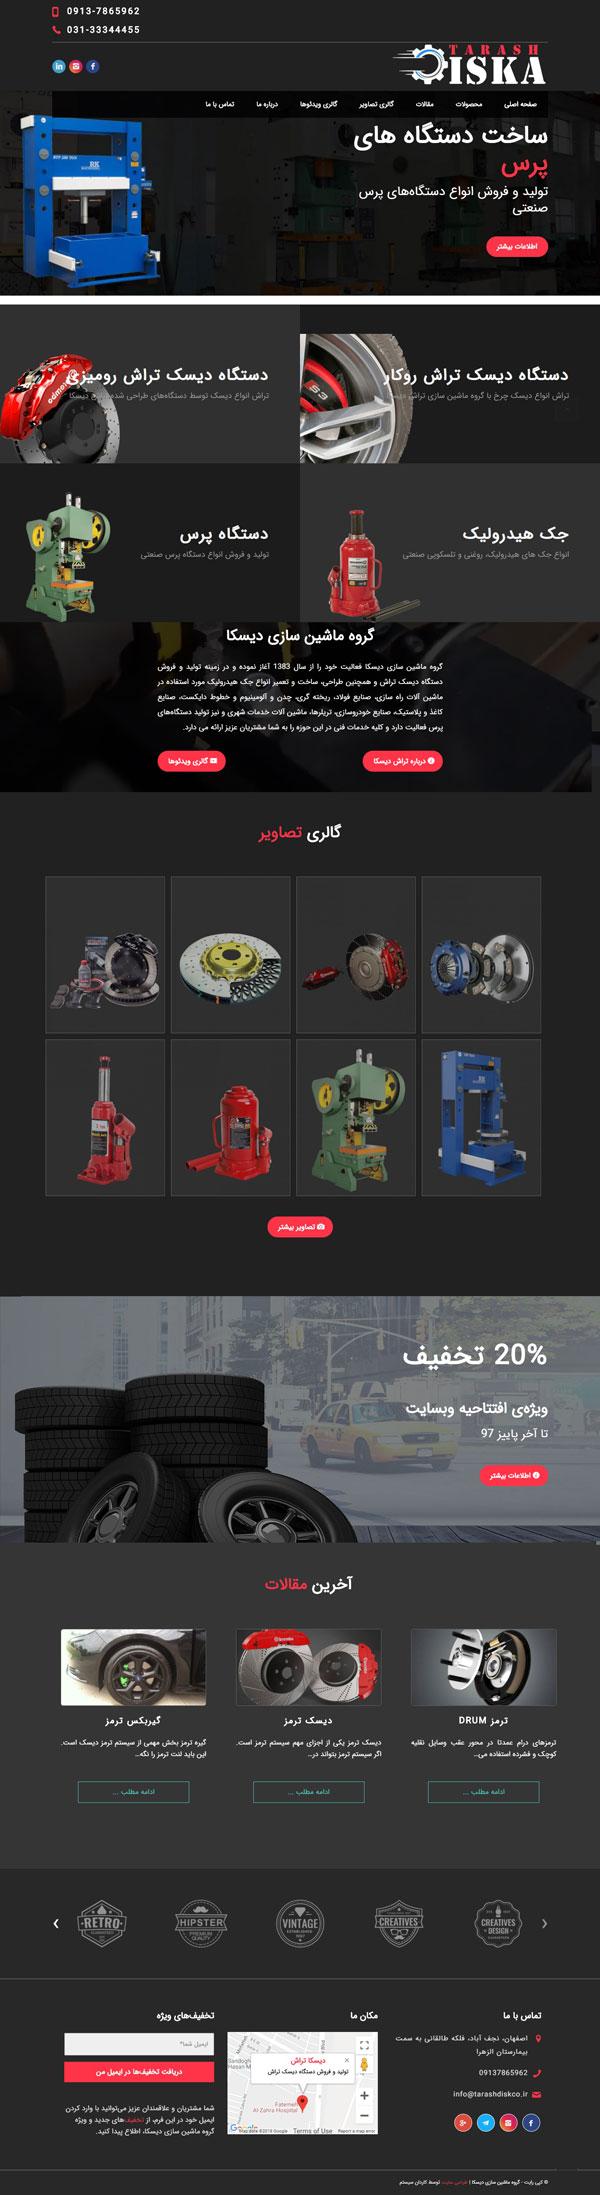 طراحی سایت گروه ماشین سازی دیسکا | تولید کننده دستگاه دیسک تراش خودرو